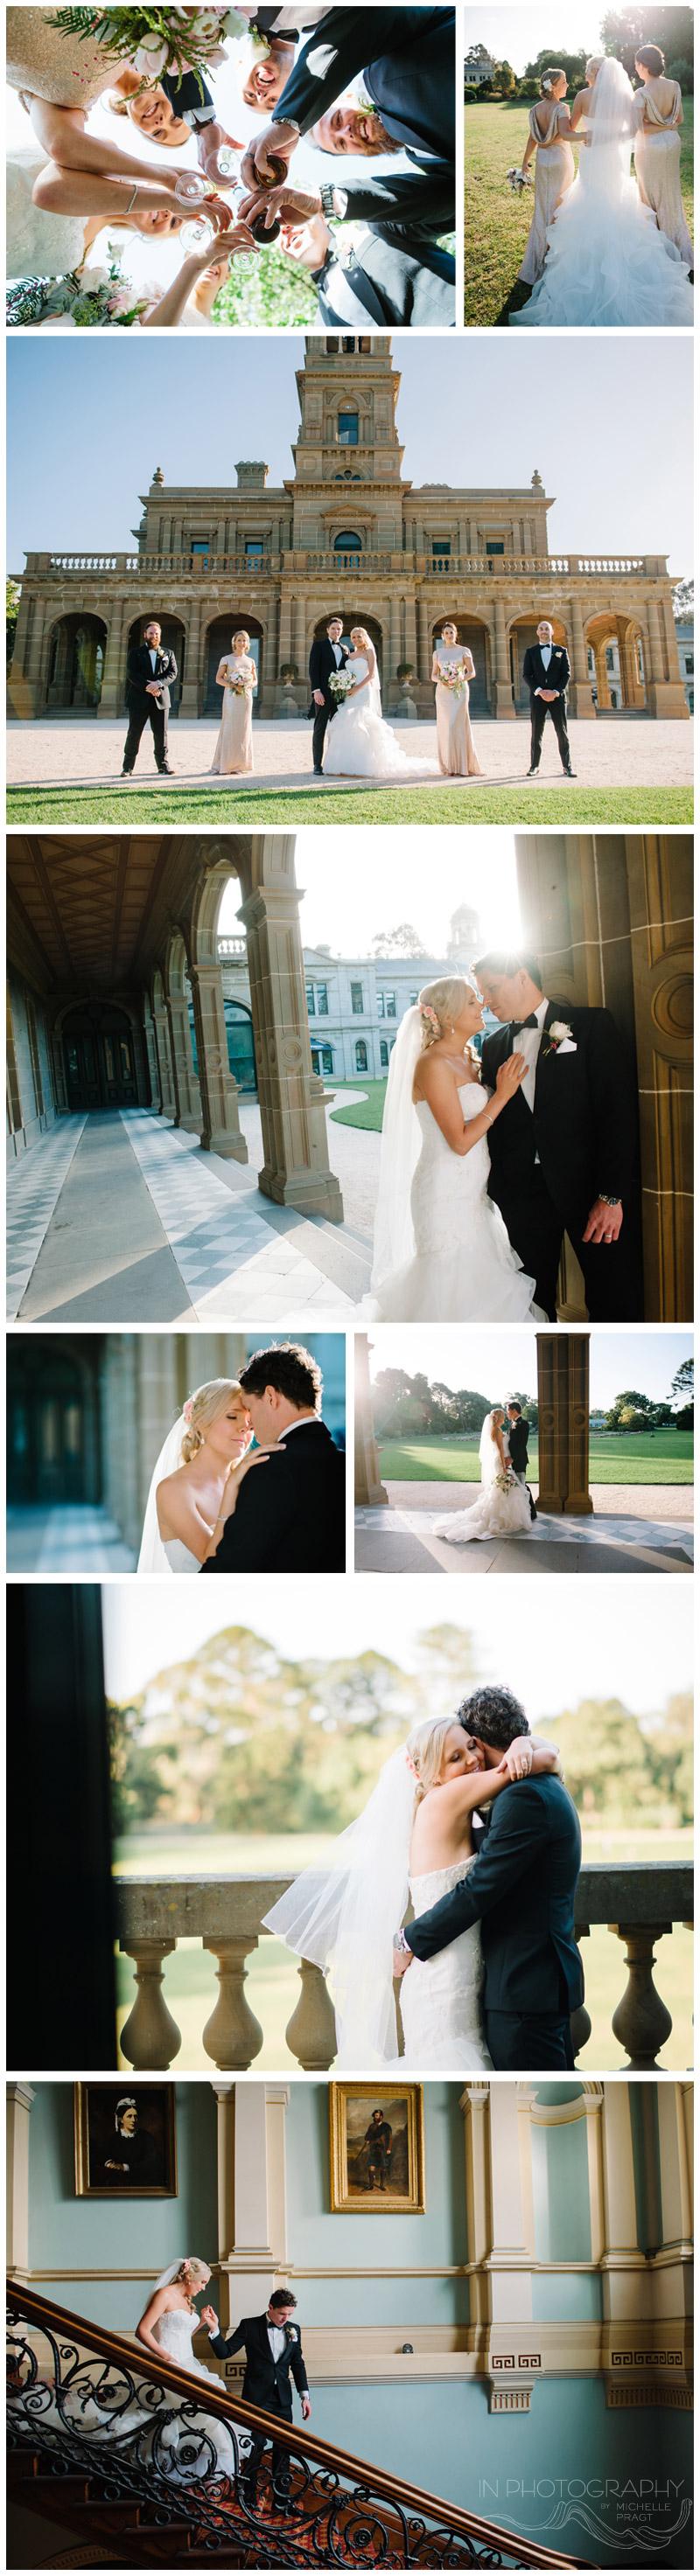 bridal party photos at werribee mansion